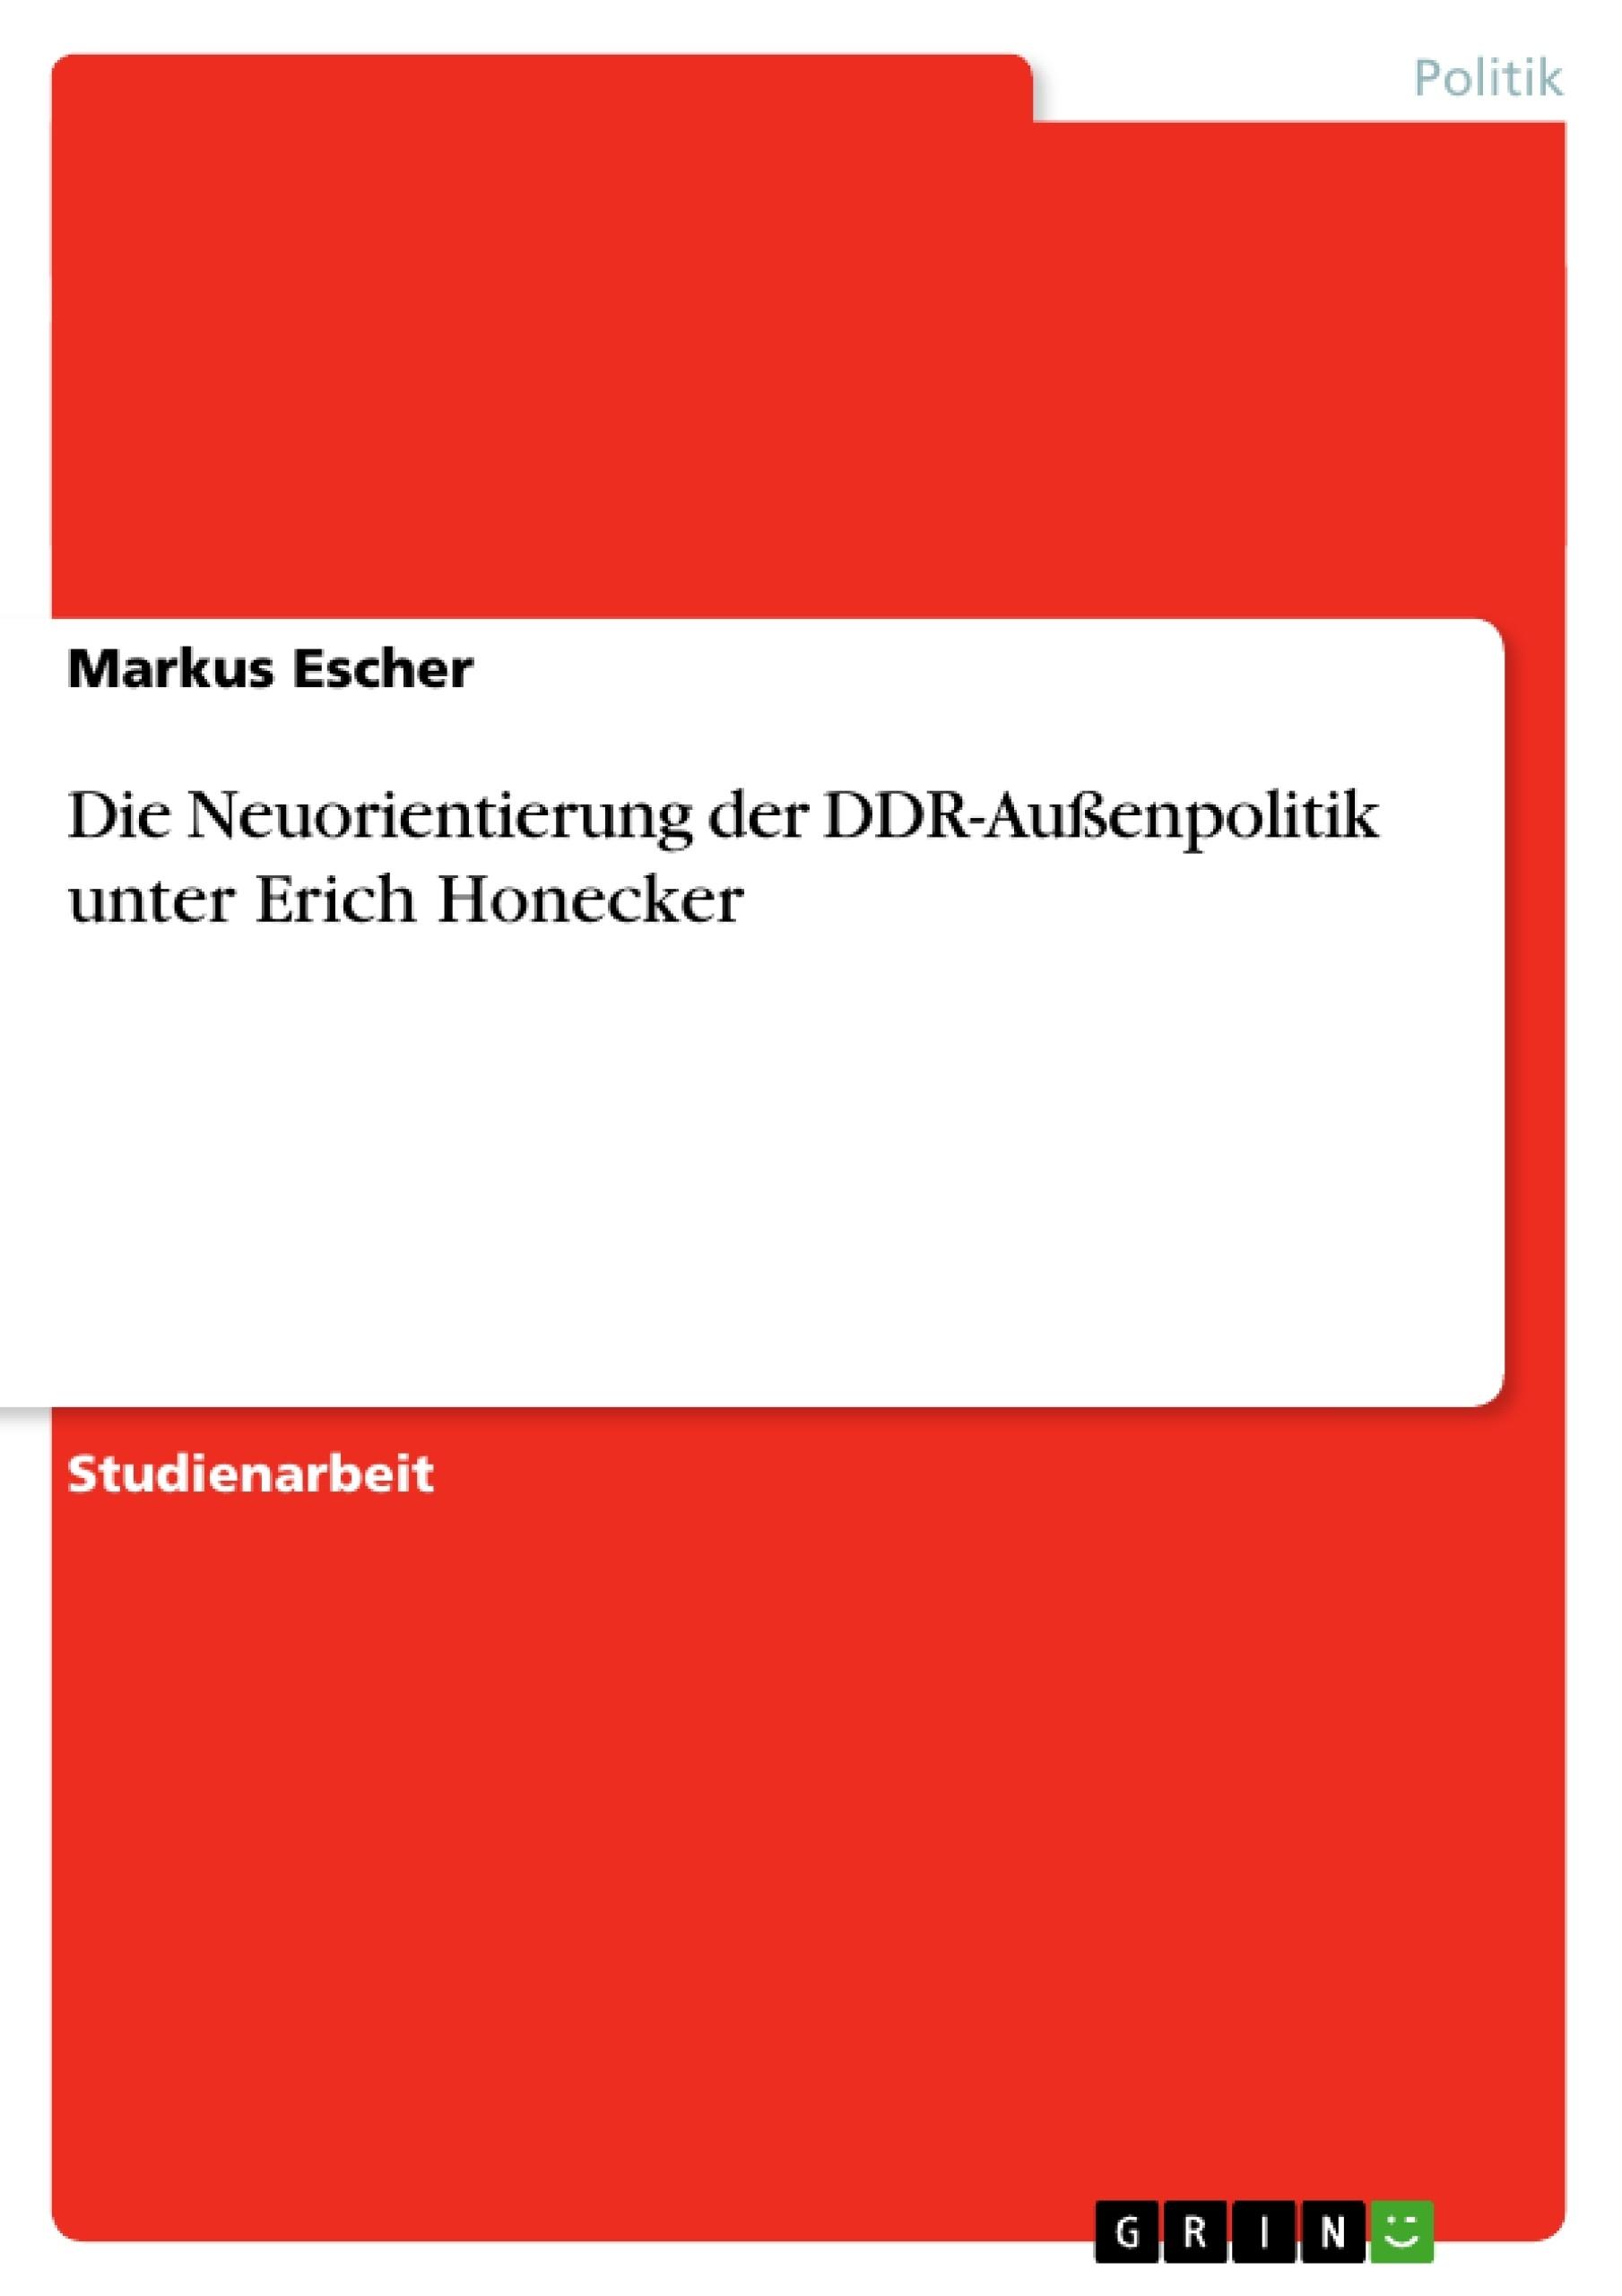 Titel: Die Neuorientierung der DDR-Außenpolitik unter Erich Honecker